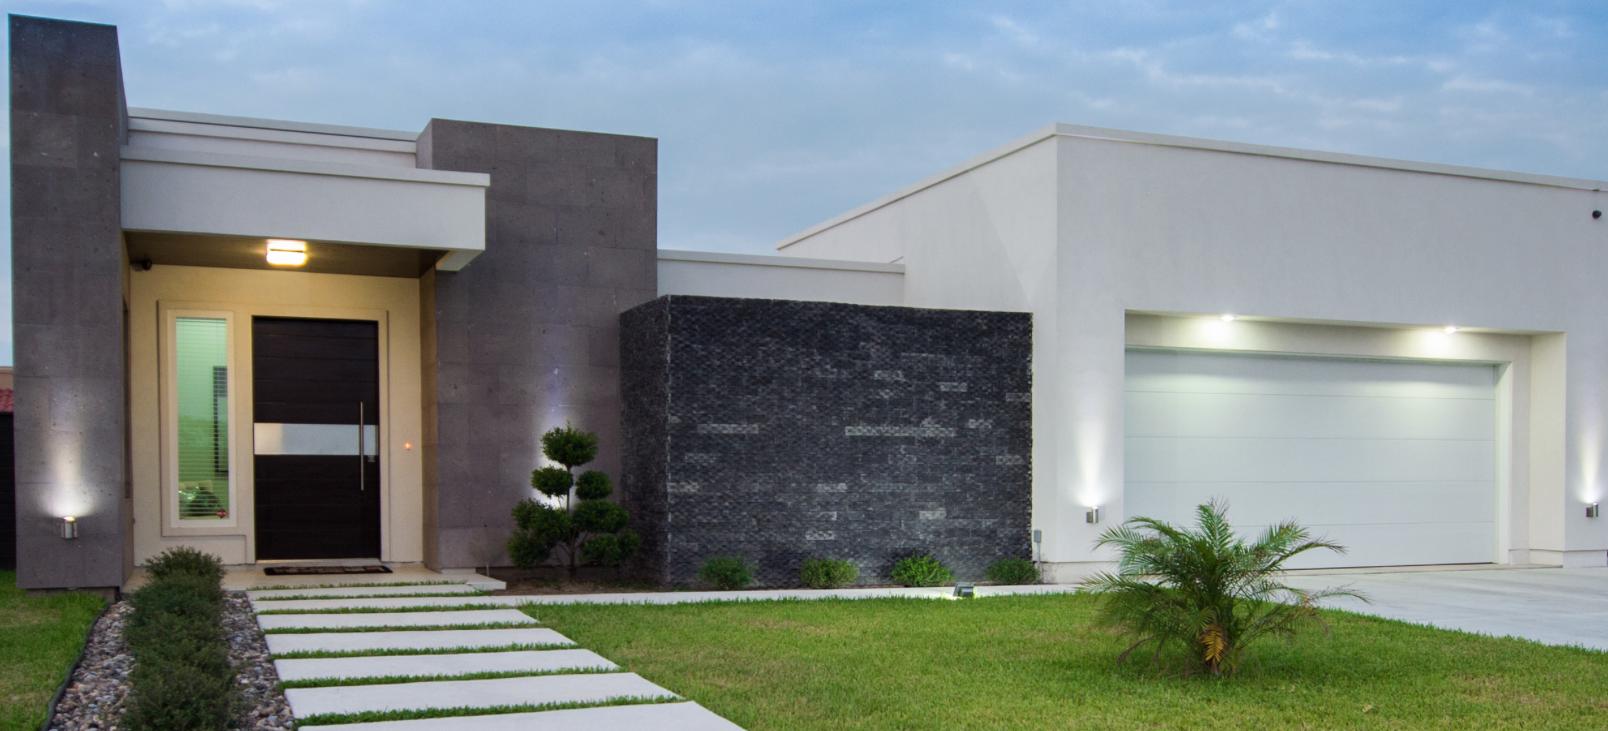 ARTCAS HOUSE | BROWNSVILLE, TX